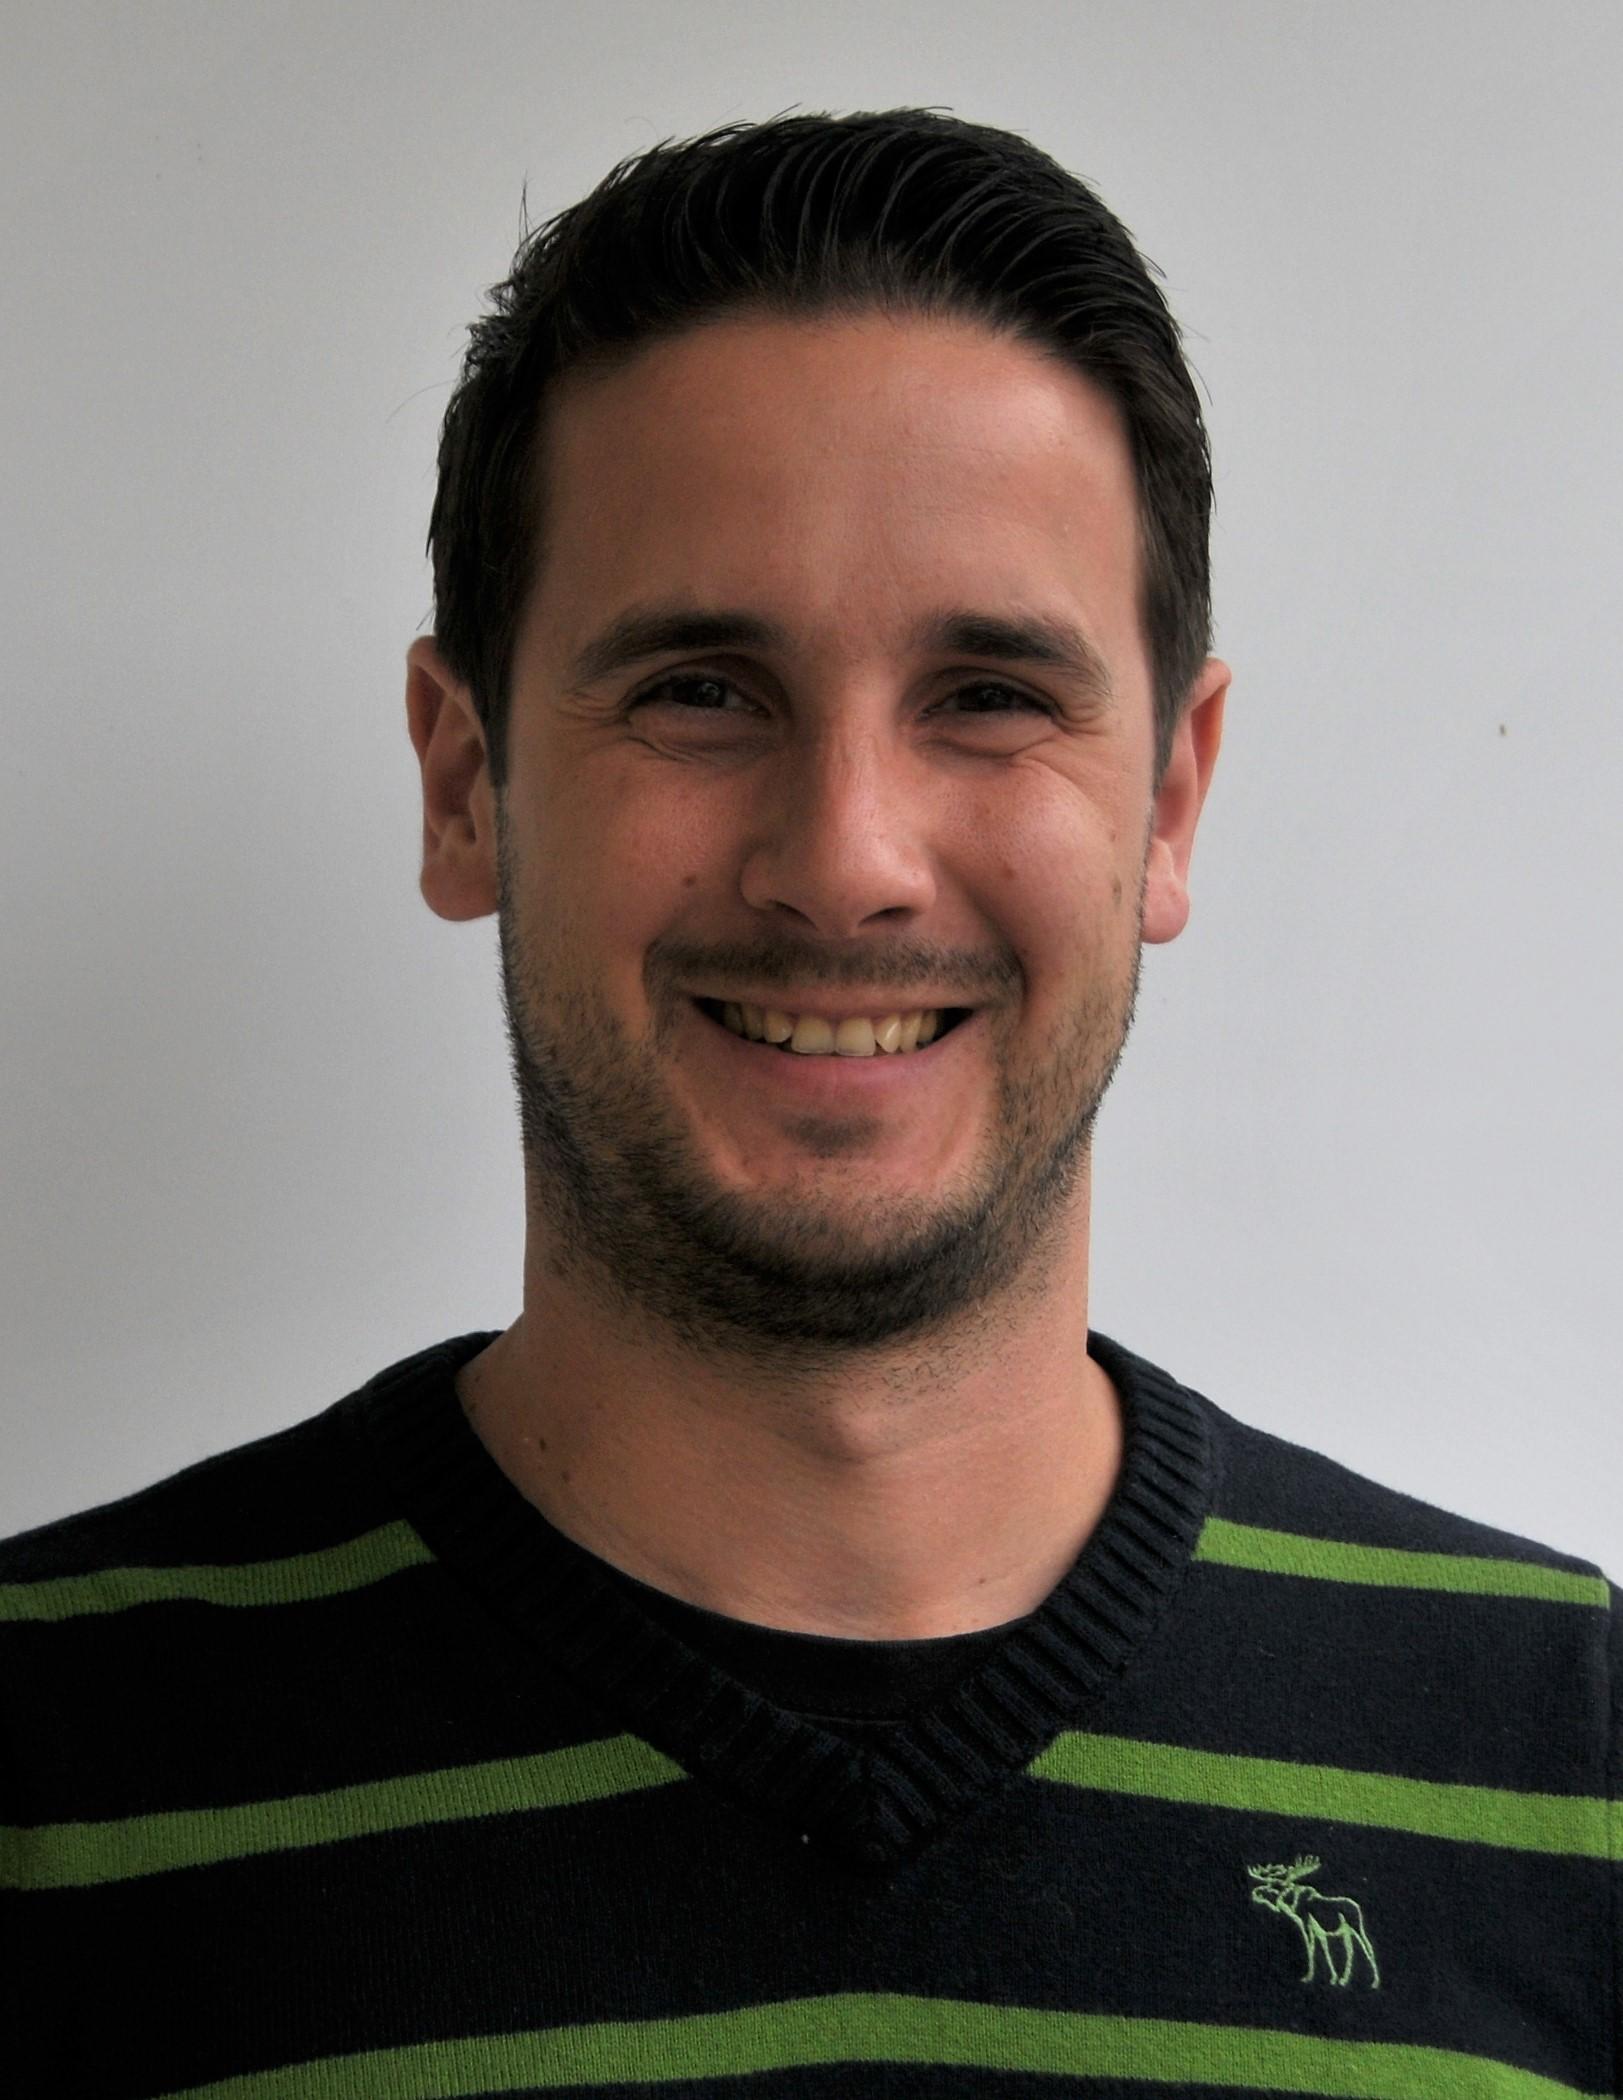 Stefan Heuer